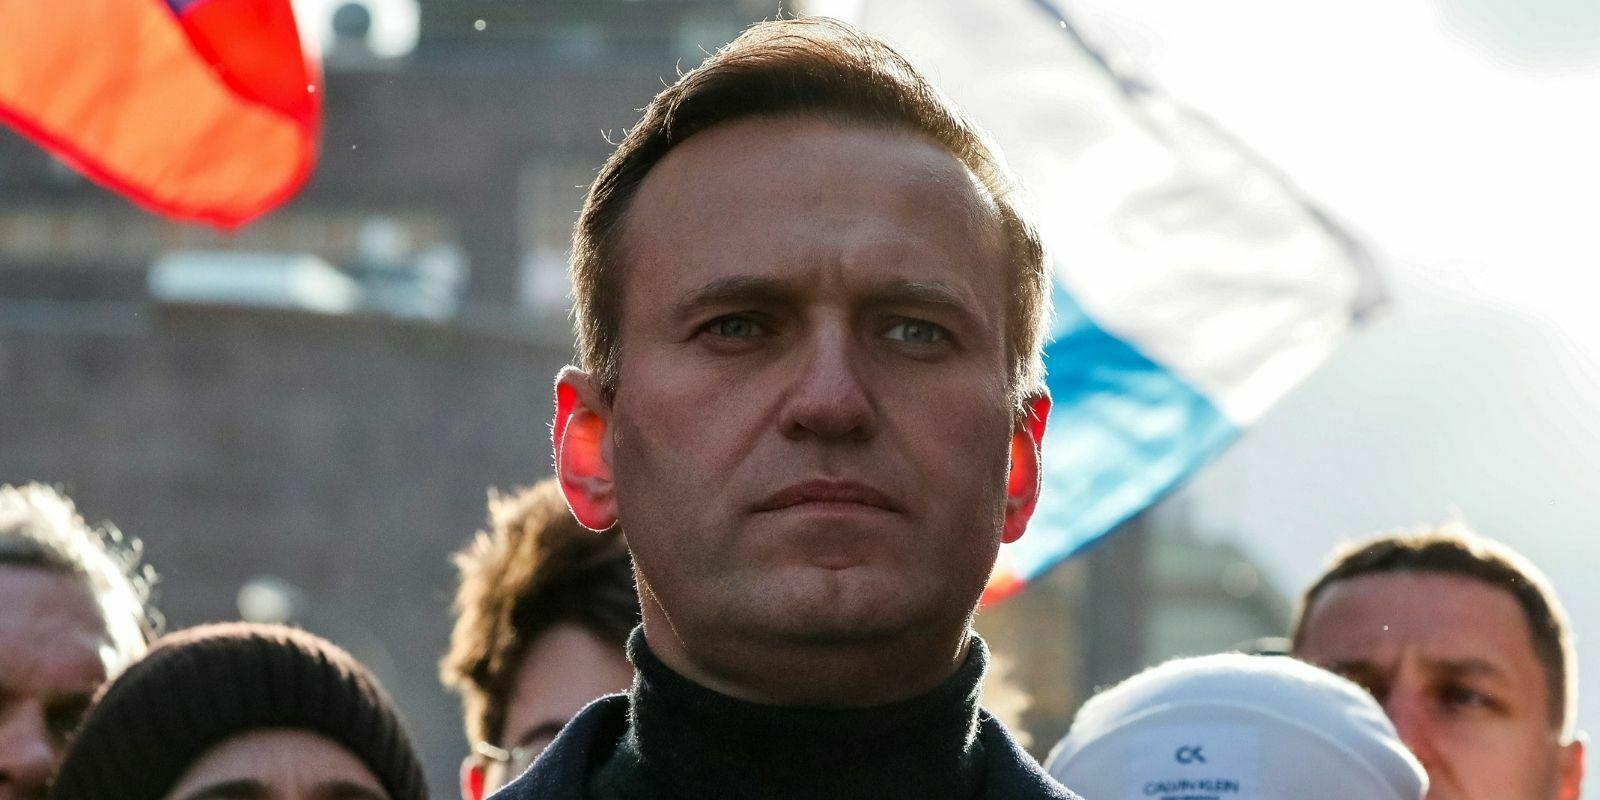 L'opposant russe Alexeï Navalny a reçu 658 bitcoins (BTC) en 5 ans